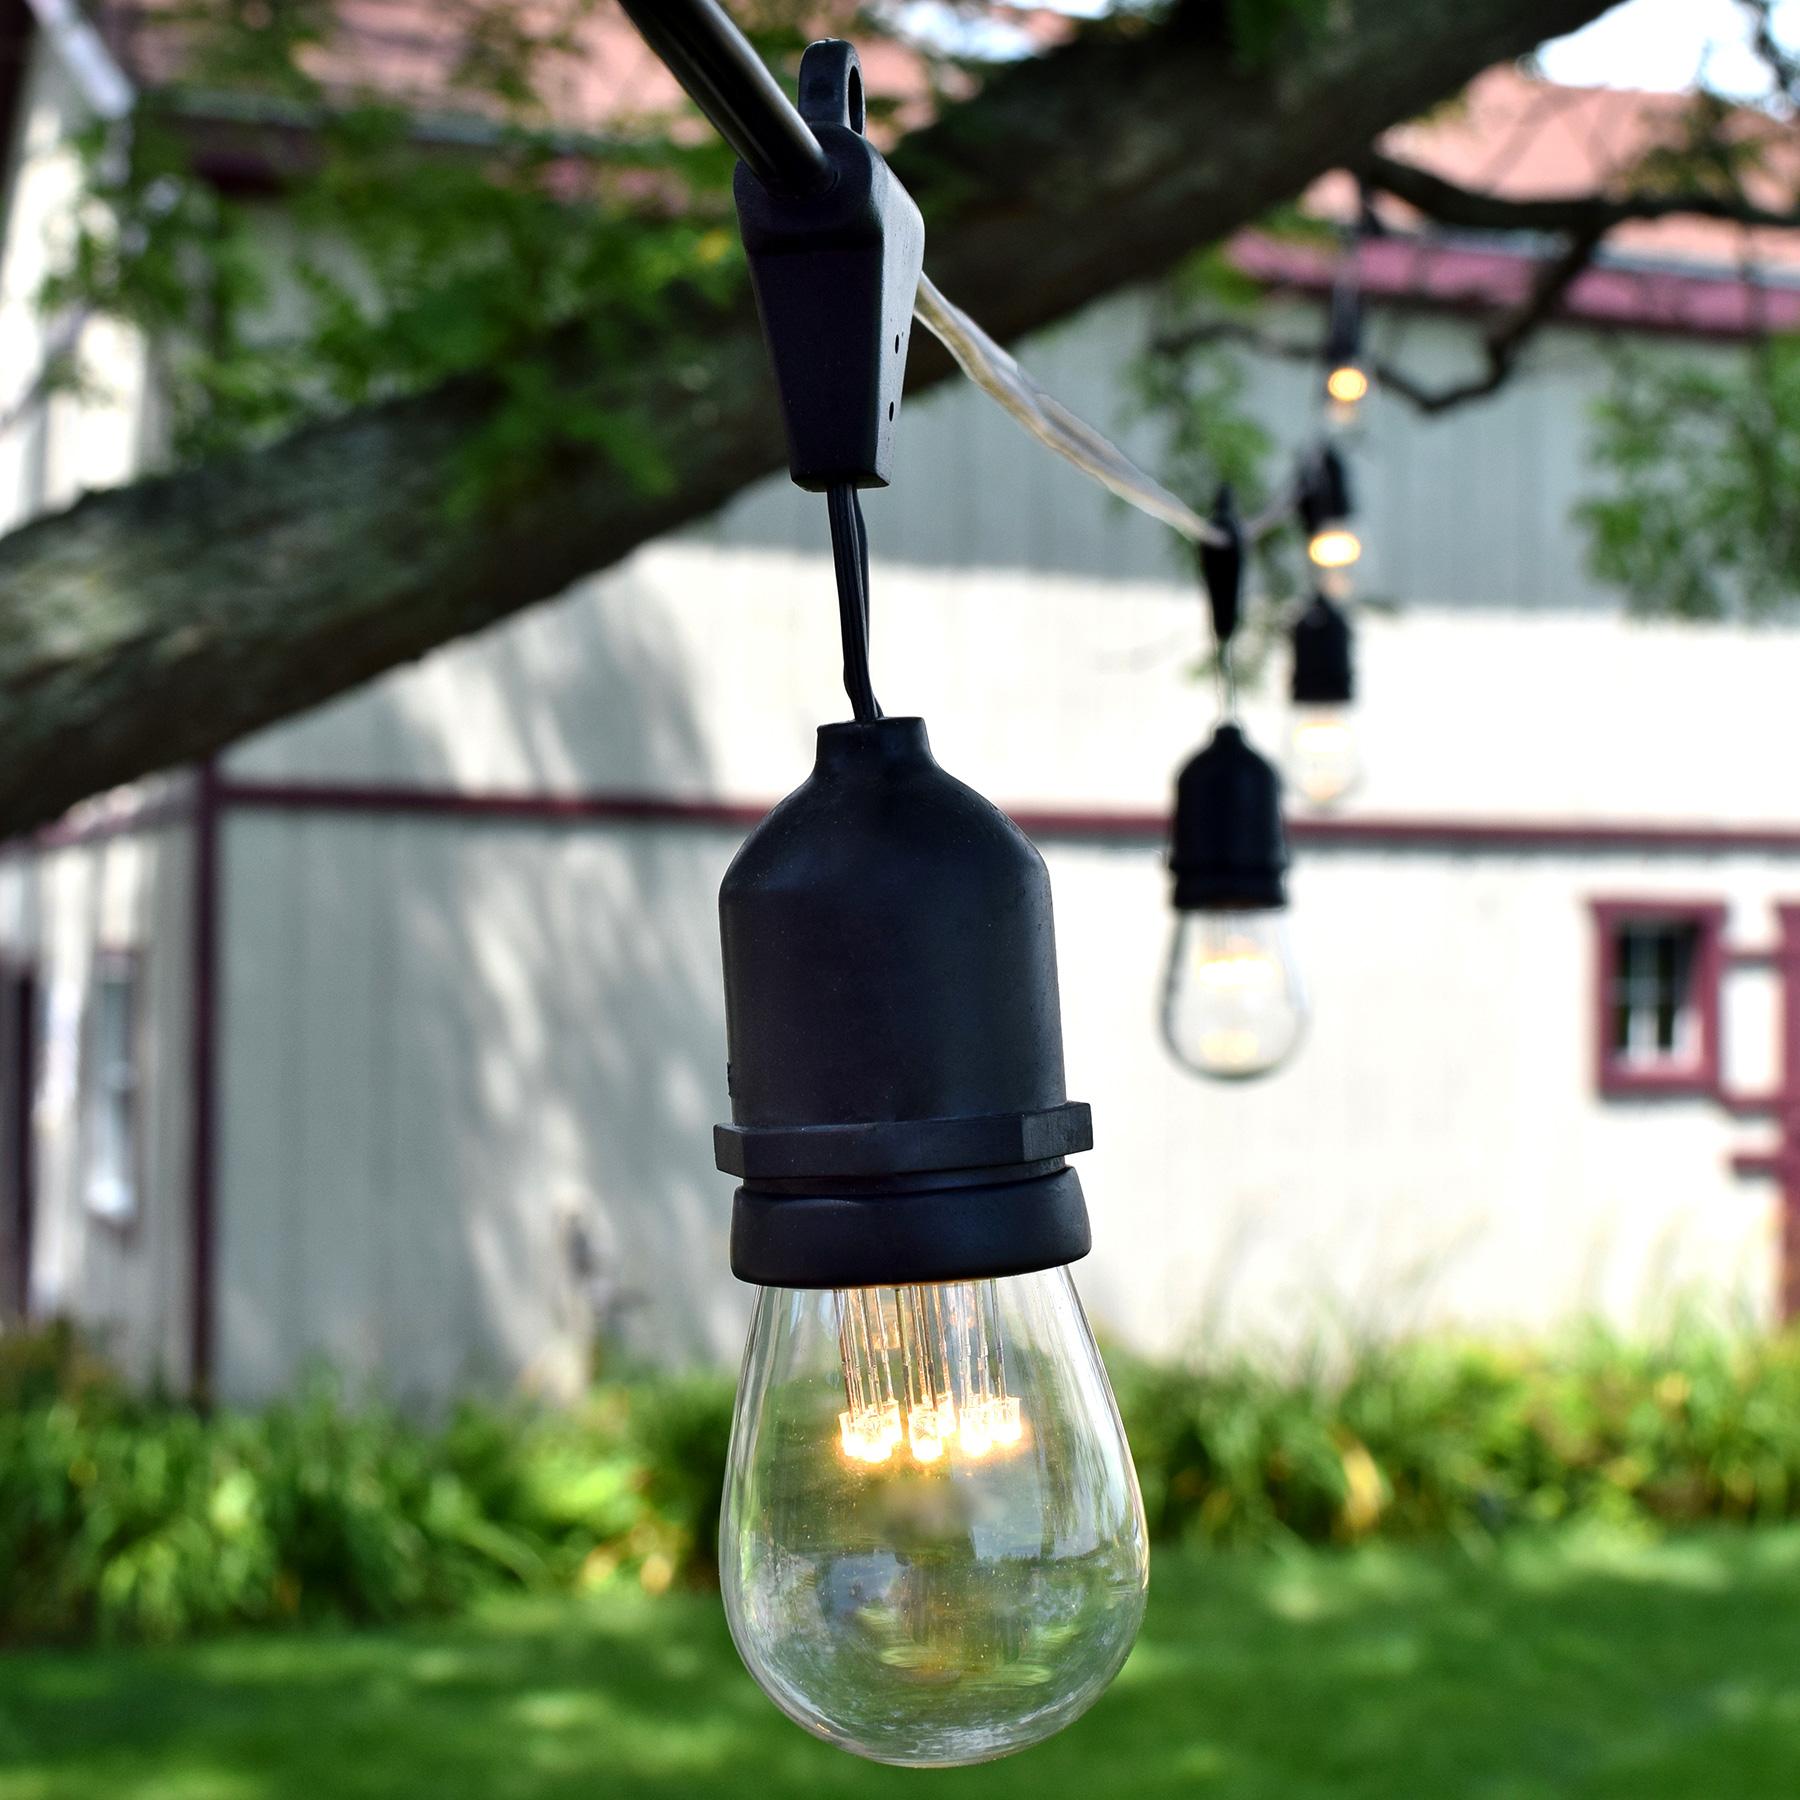 Outdoor Lights String Led: 0